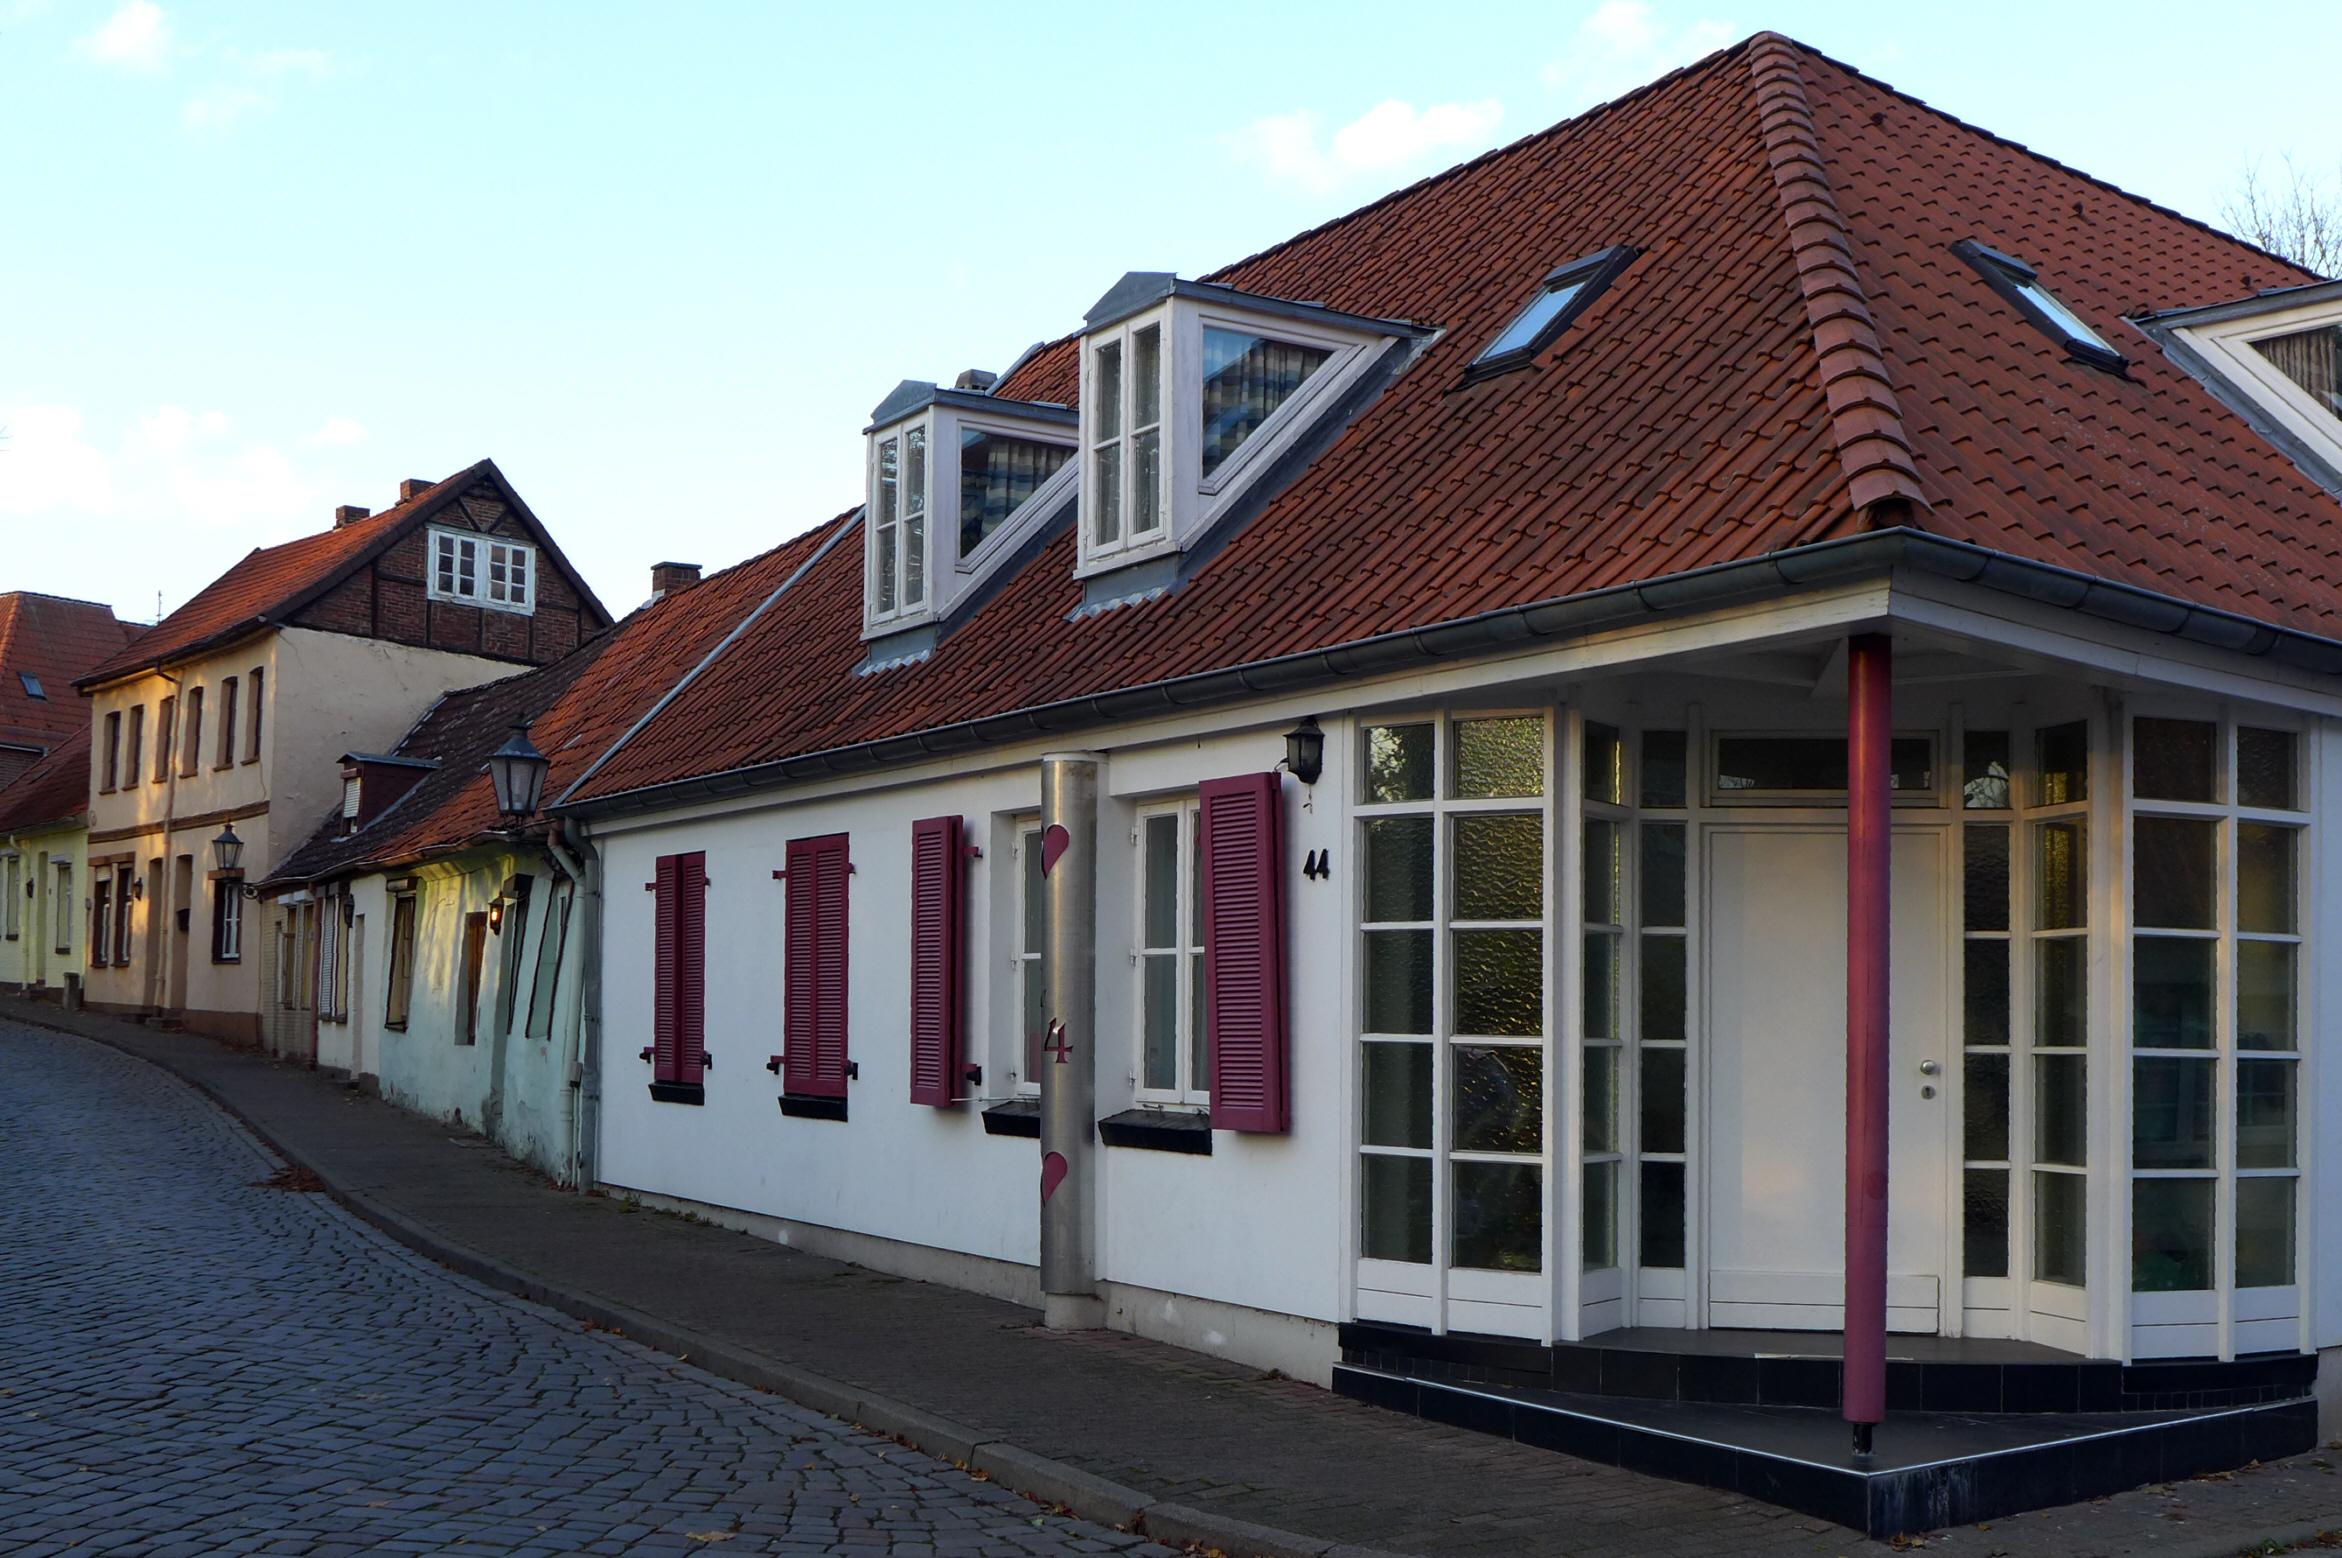 File:Lüneburg, Bordelle.jpg - Wikimedia Commons